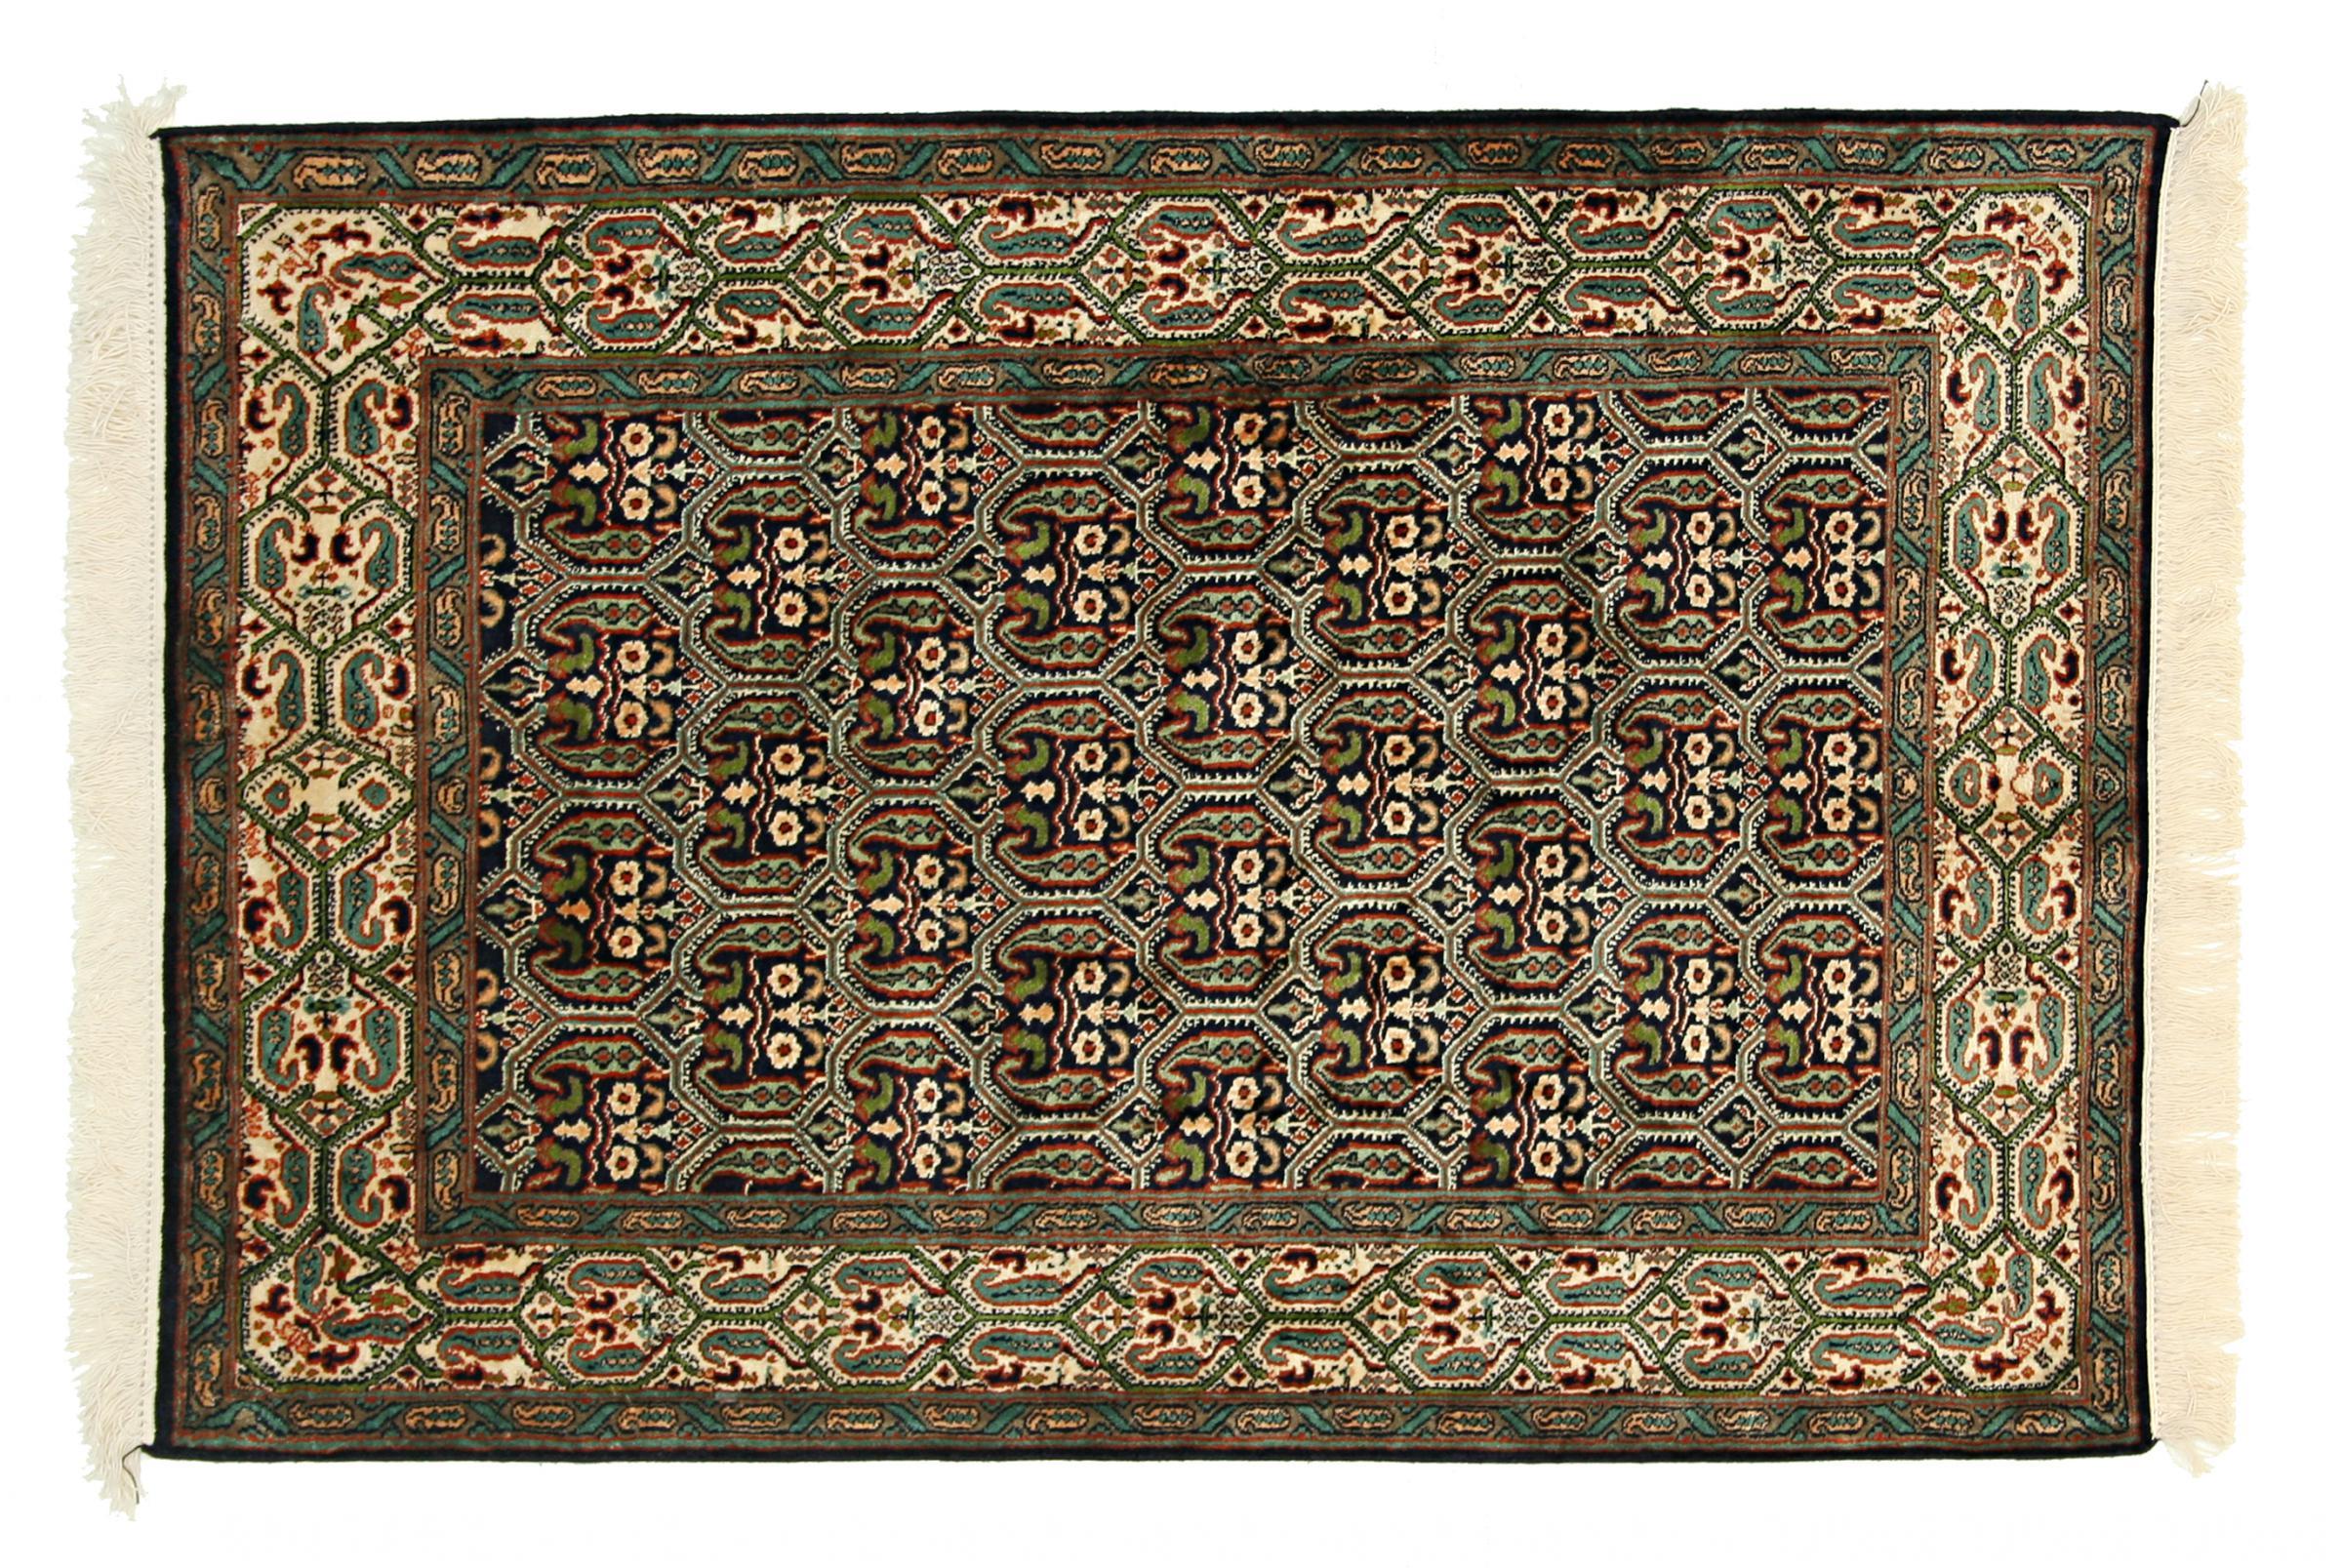 kaschmir reine seide indischer teppich 120x81 id26083. Black Bedroom Furniture Sets. Home Design Ideas